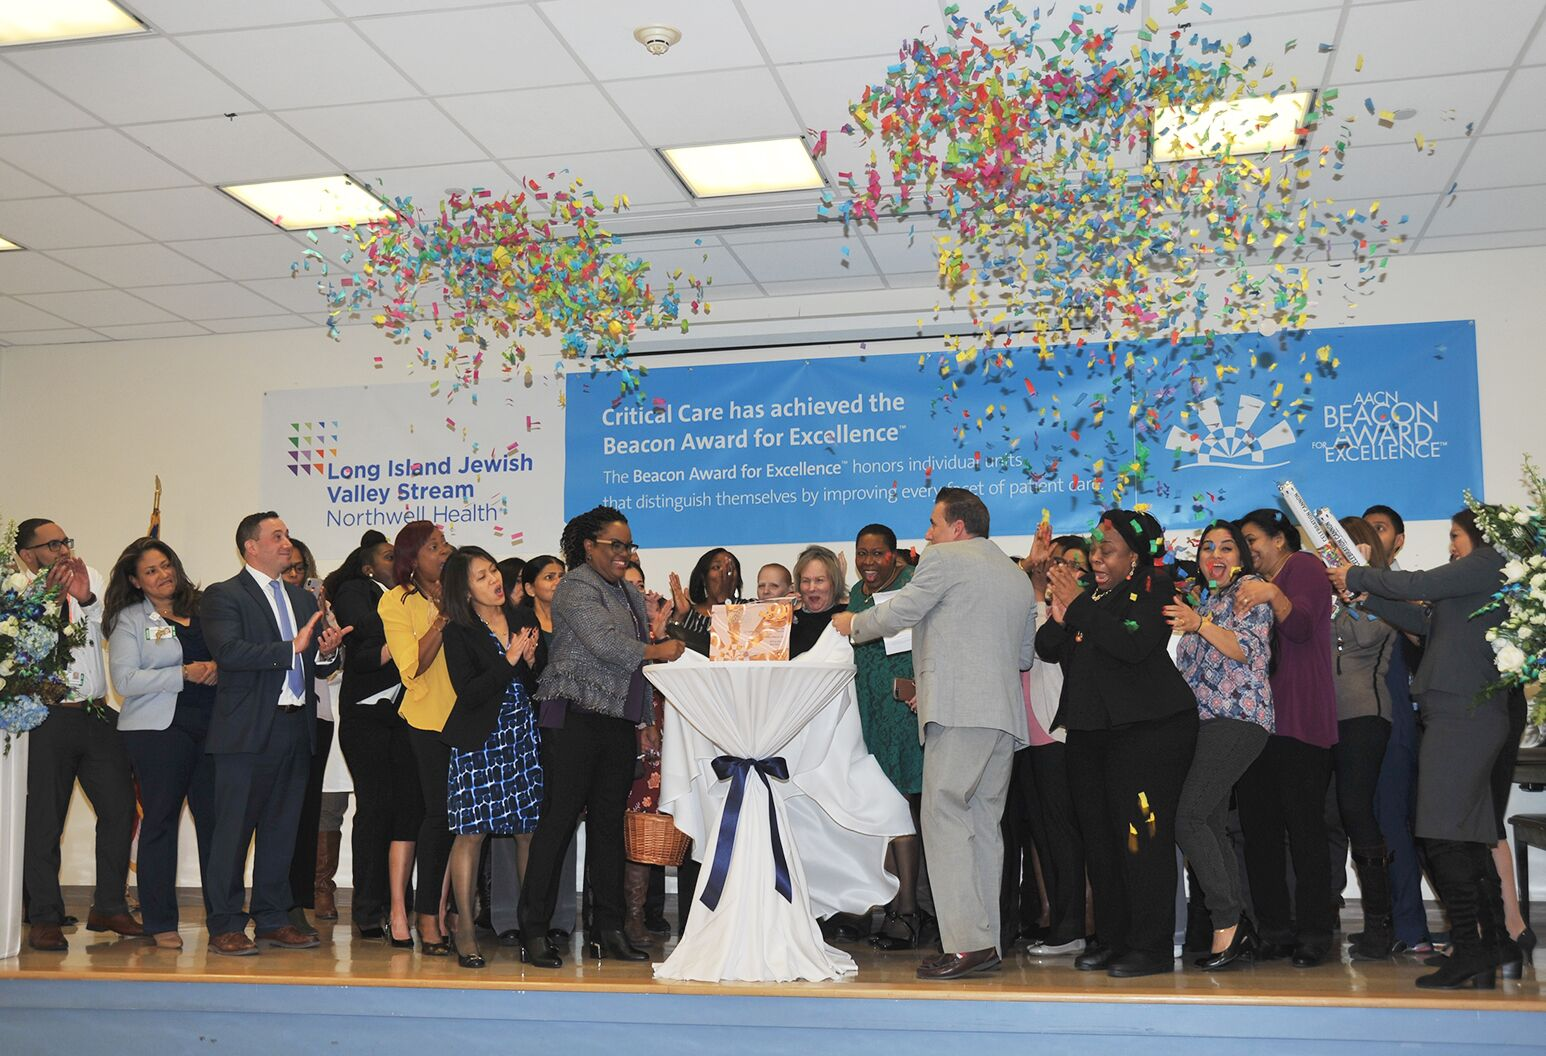 LIJ Valley Stream critical care unit staff celebrate Beacon Award recognition.